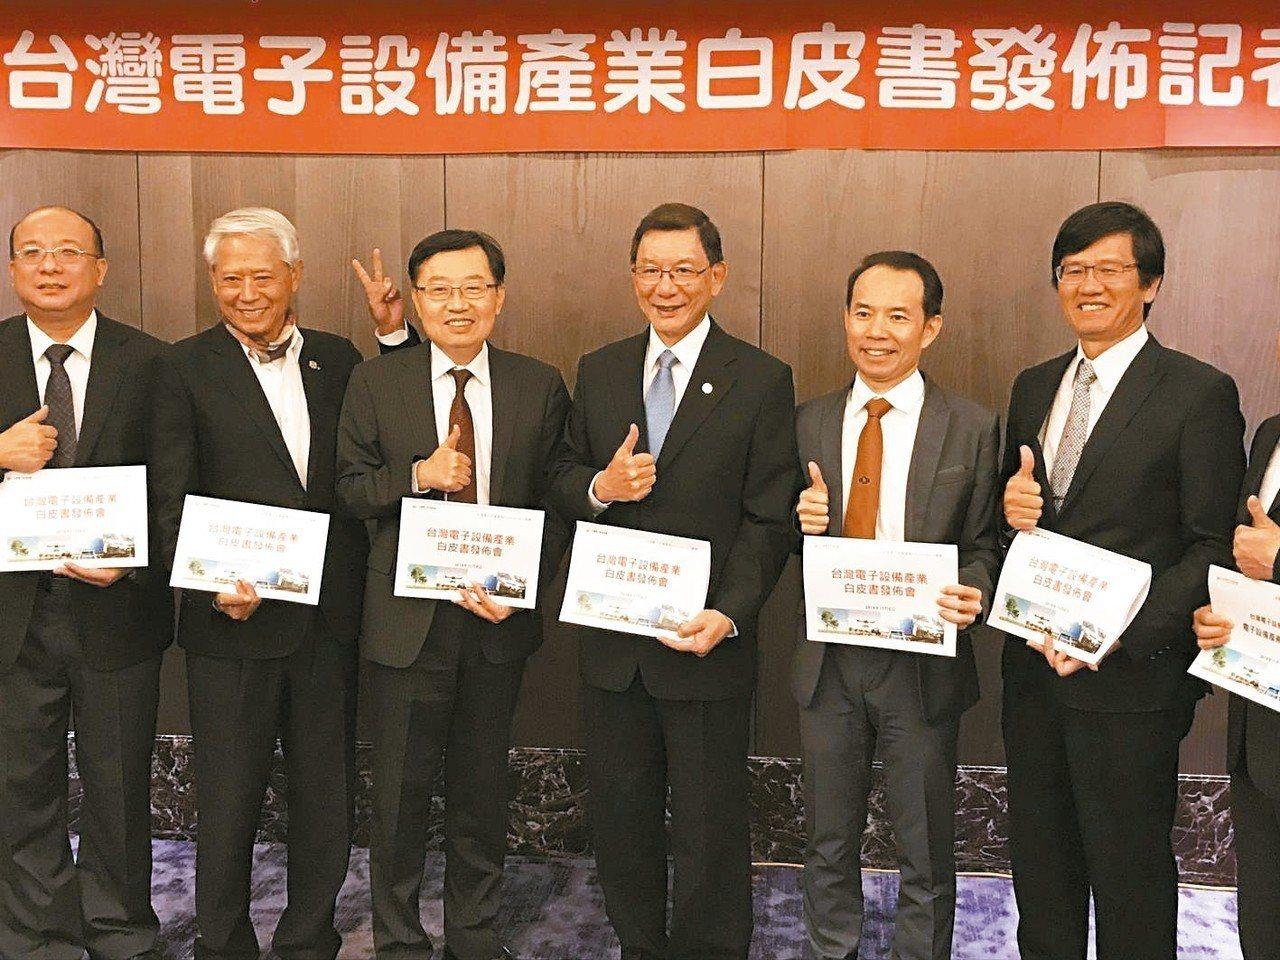 電子設備產業協會榮譽董事長葉勝發(左起三)、理事長王作京(左起四)等人出席,發表...